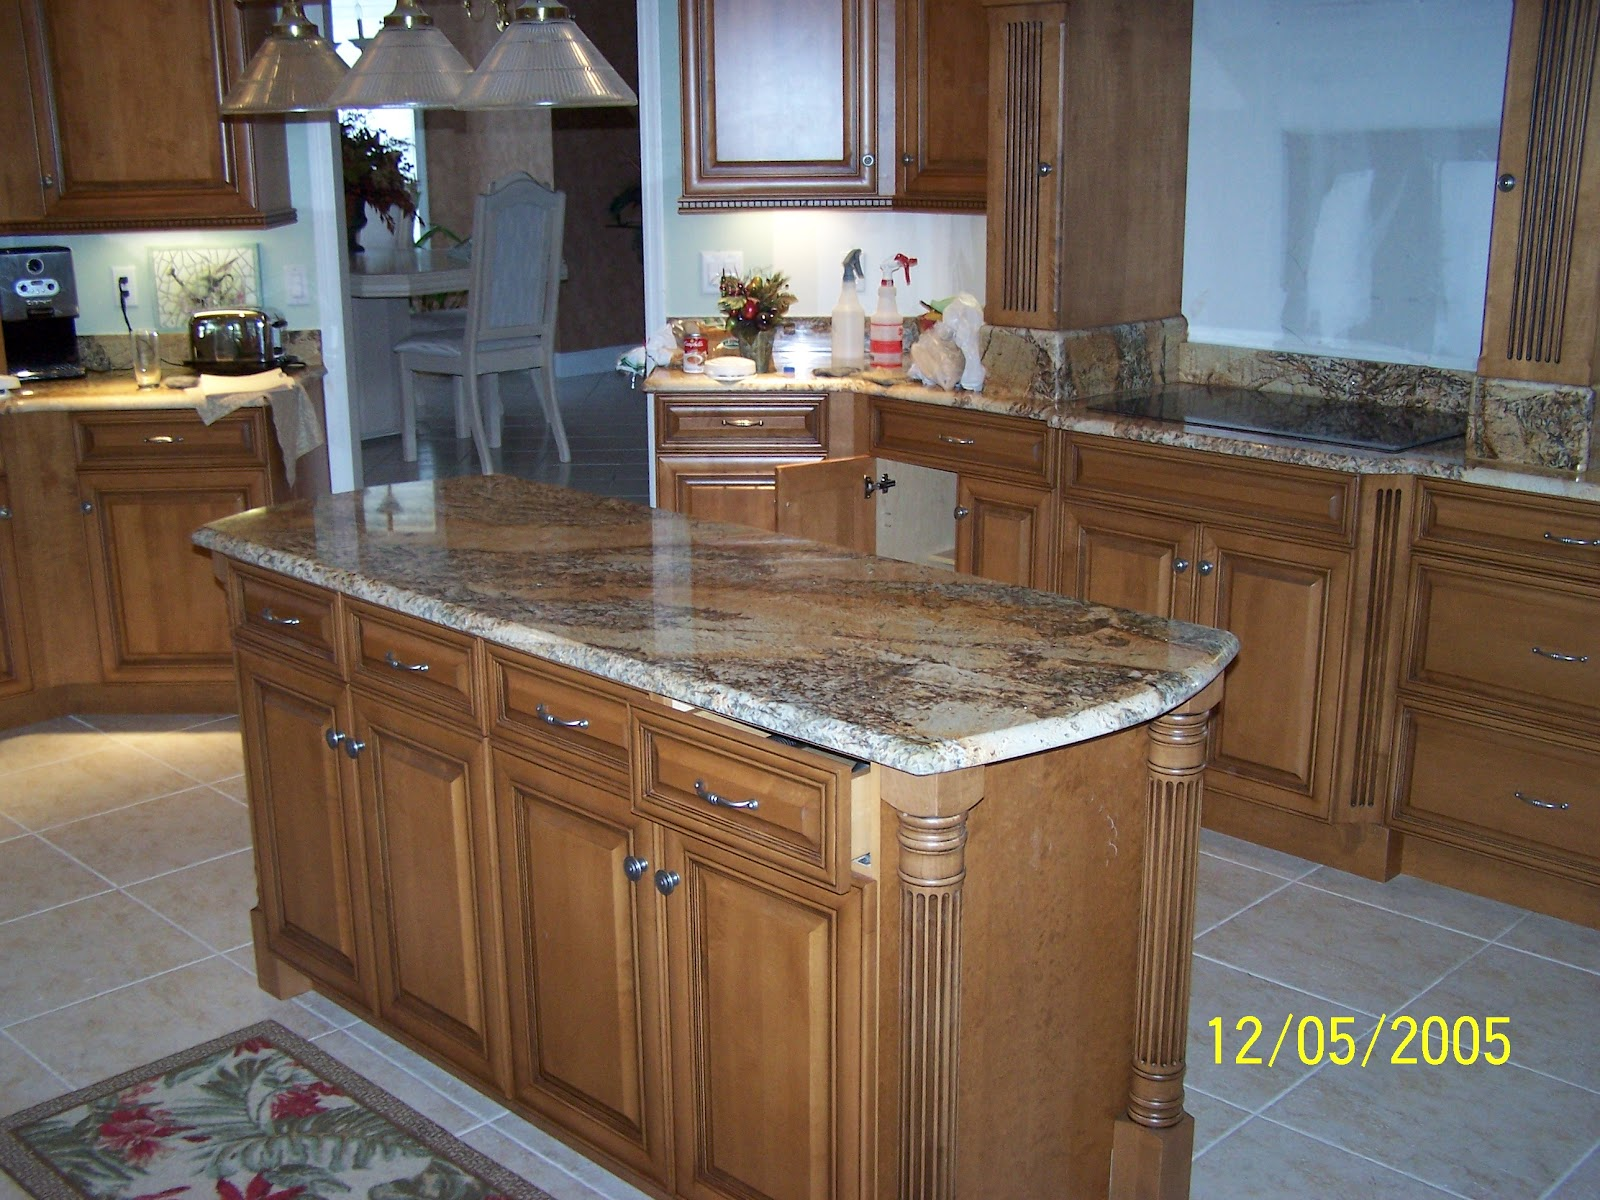 Marmoles y granitos la 80 barras e islas - Granitos y marmoles cocinas ...